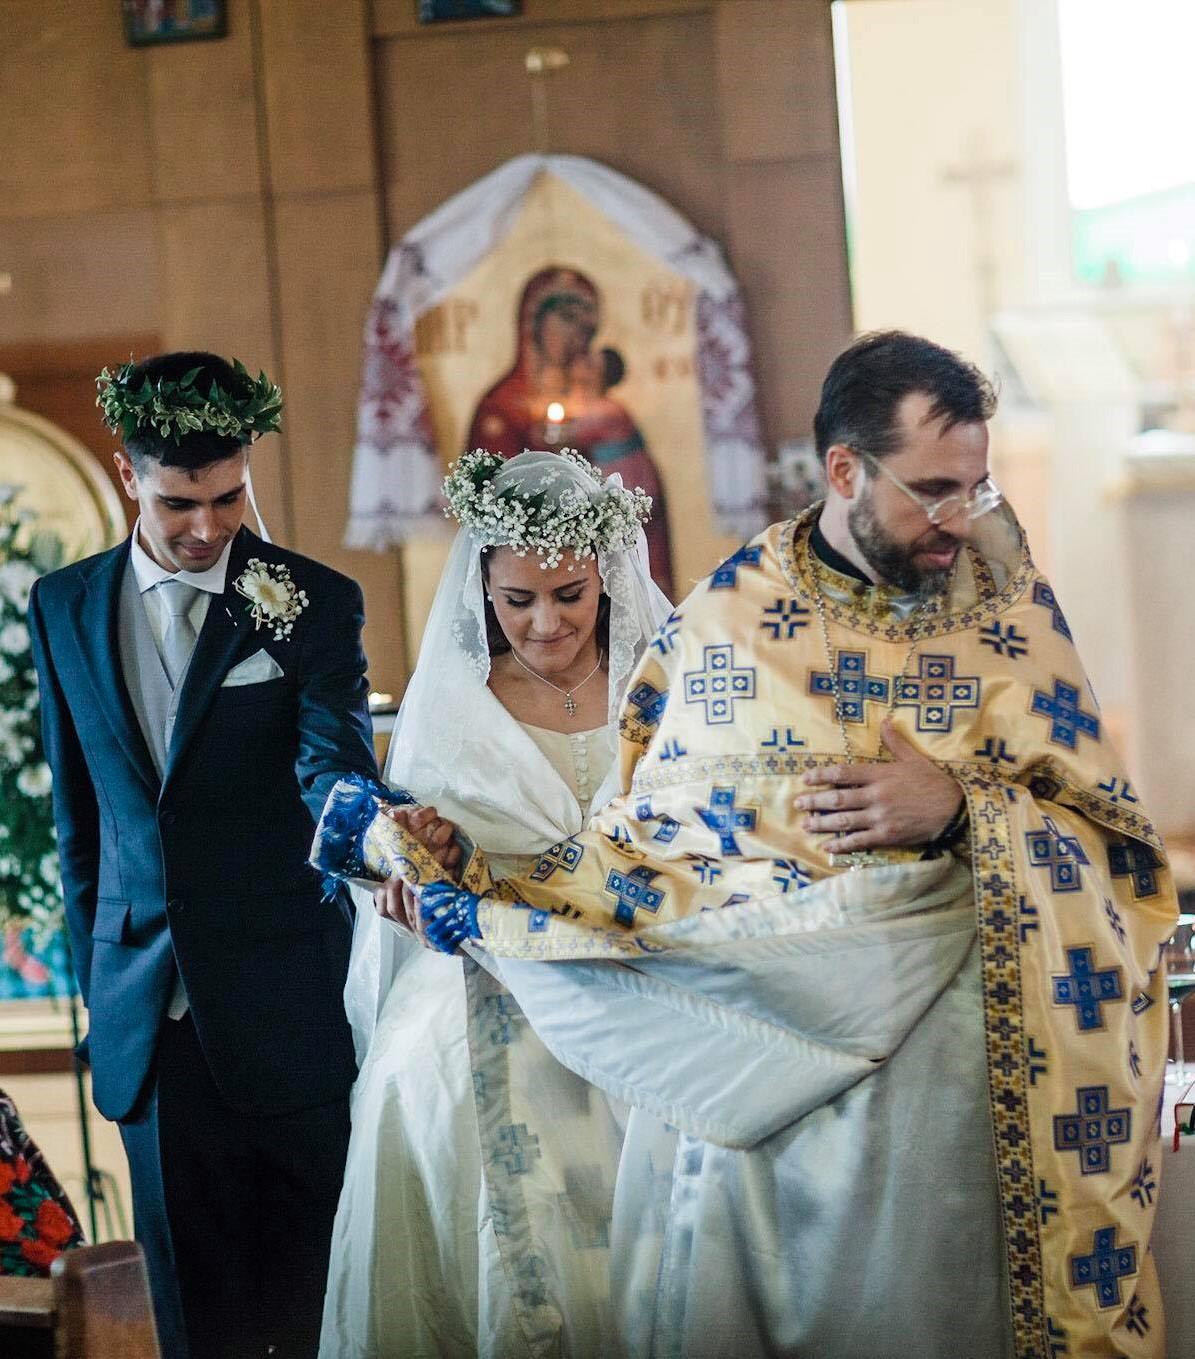 https://2.bp.blogspot.com/-6KYuDa-n1t0/W-A1G275-AI/AAAAAAAAE8Q/ieijYYzfvcE9qg8SpZq8wCSHhp6vMU96ACLcBGAs/s1600/Wedding%2B9a.jpg